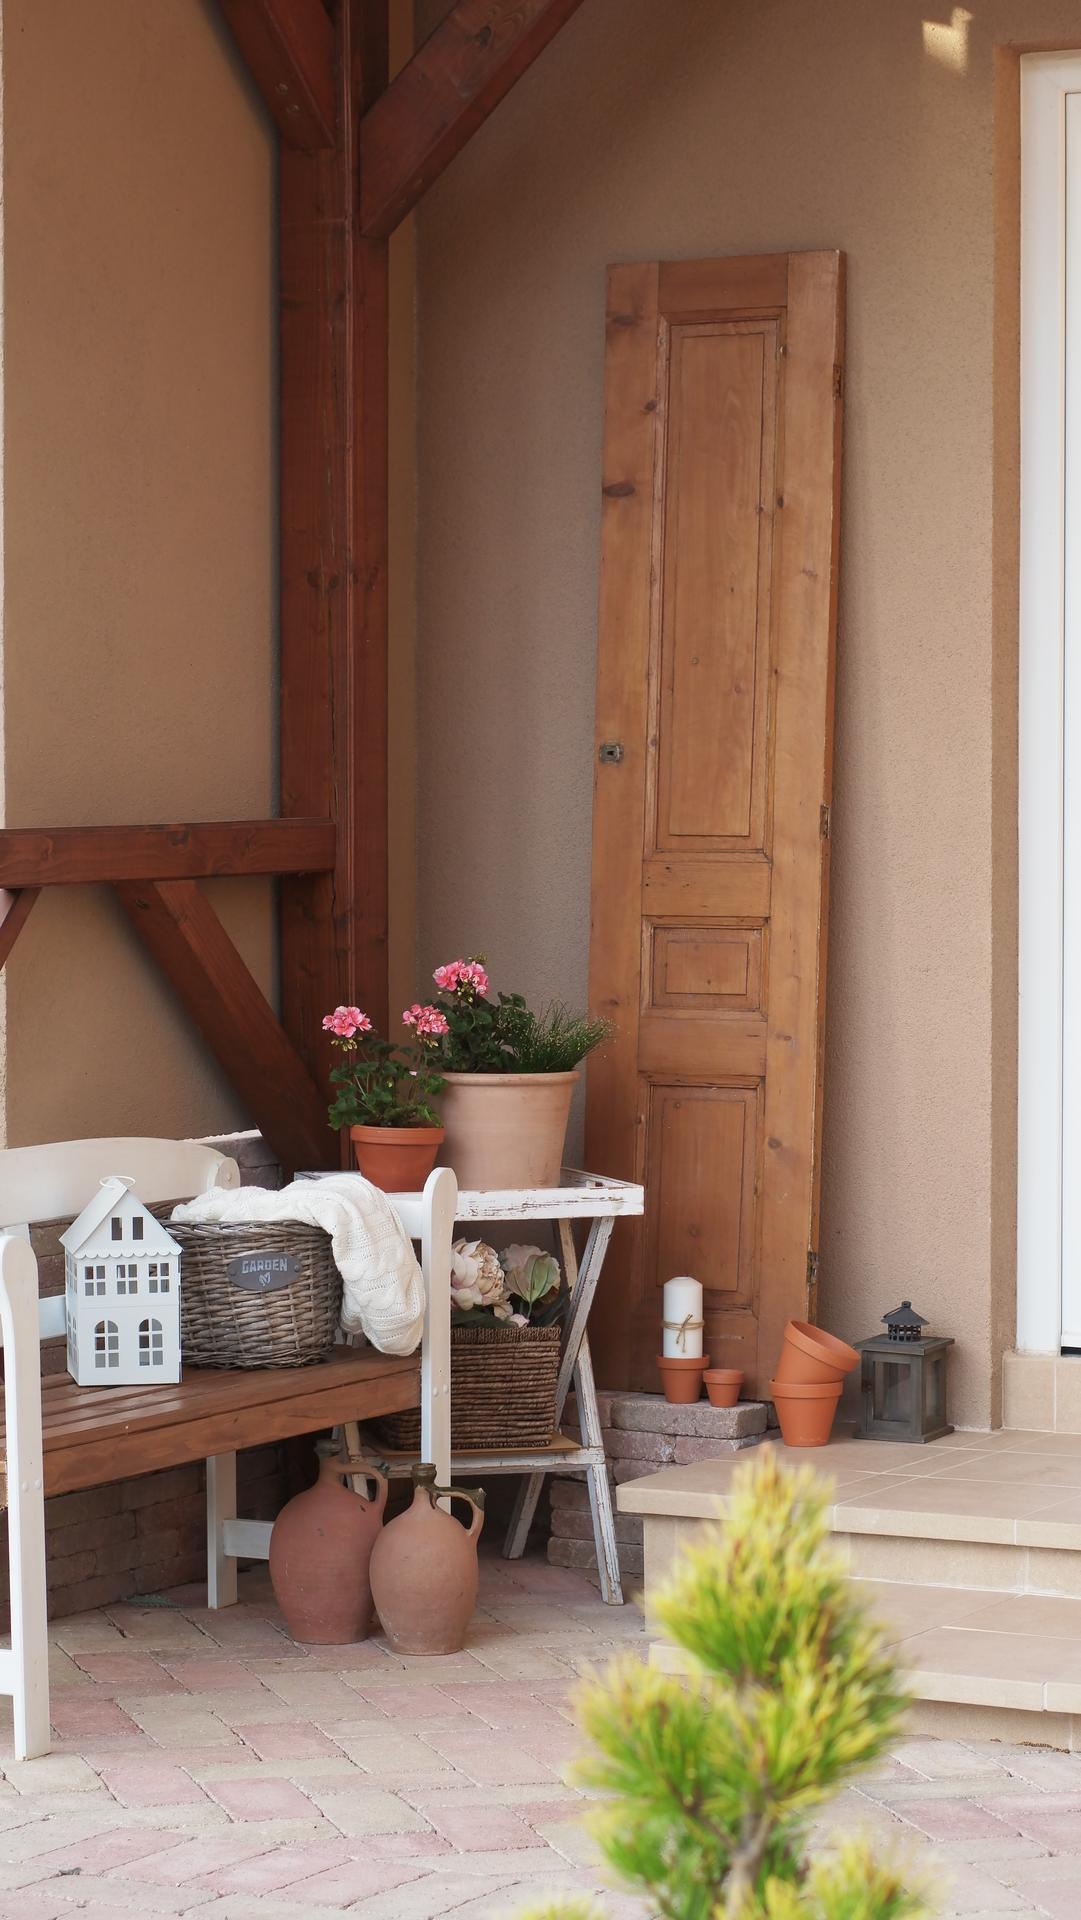 Náš domček ♡ Bramasole ♡ ... Stilo interiér aj exteriér 4. rok bývania - Obrázok č. 73